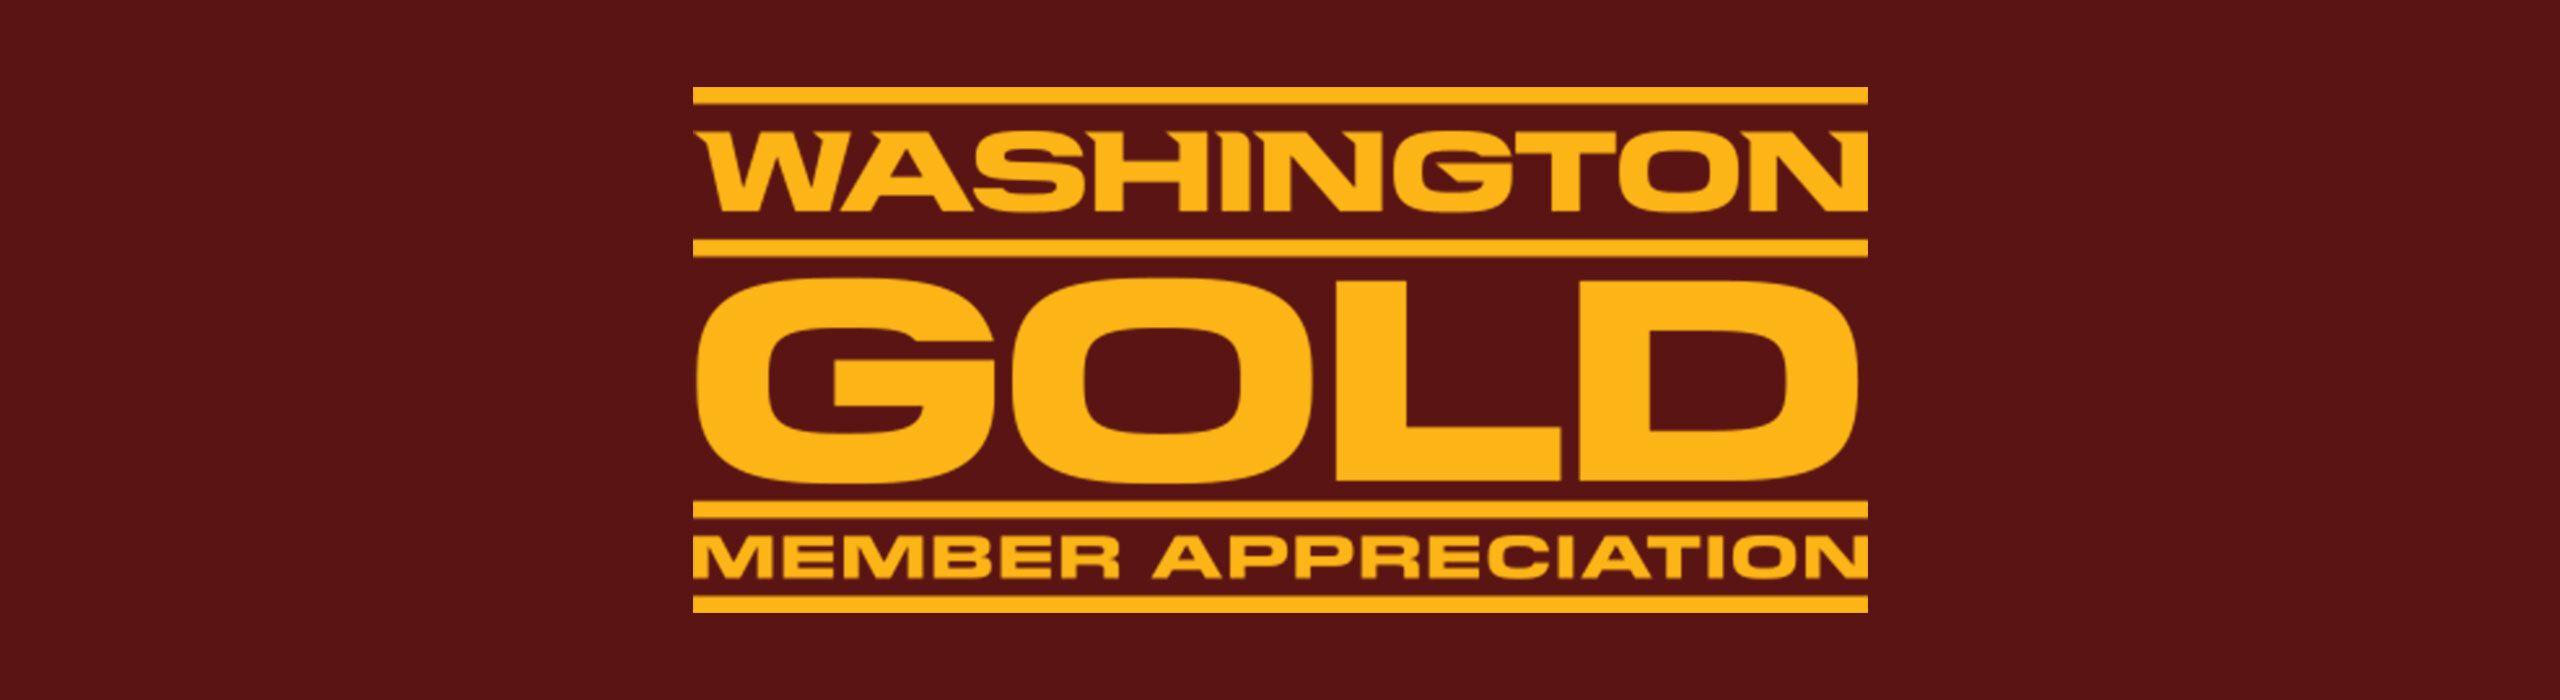 gold-appreciation-formstack-header